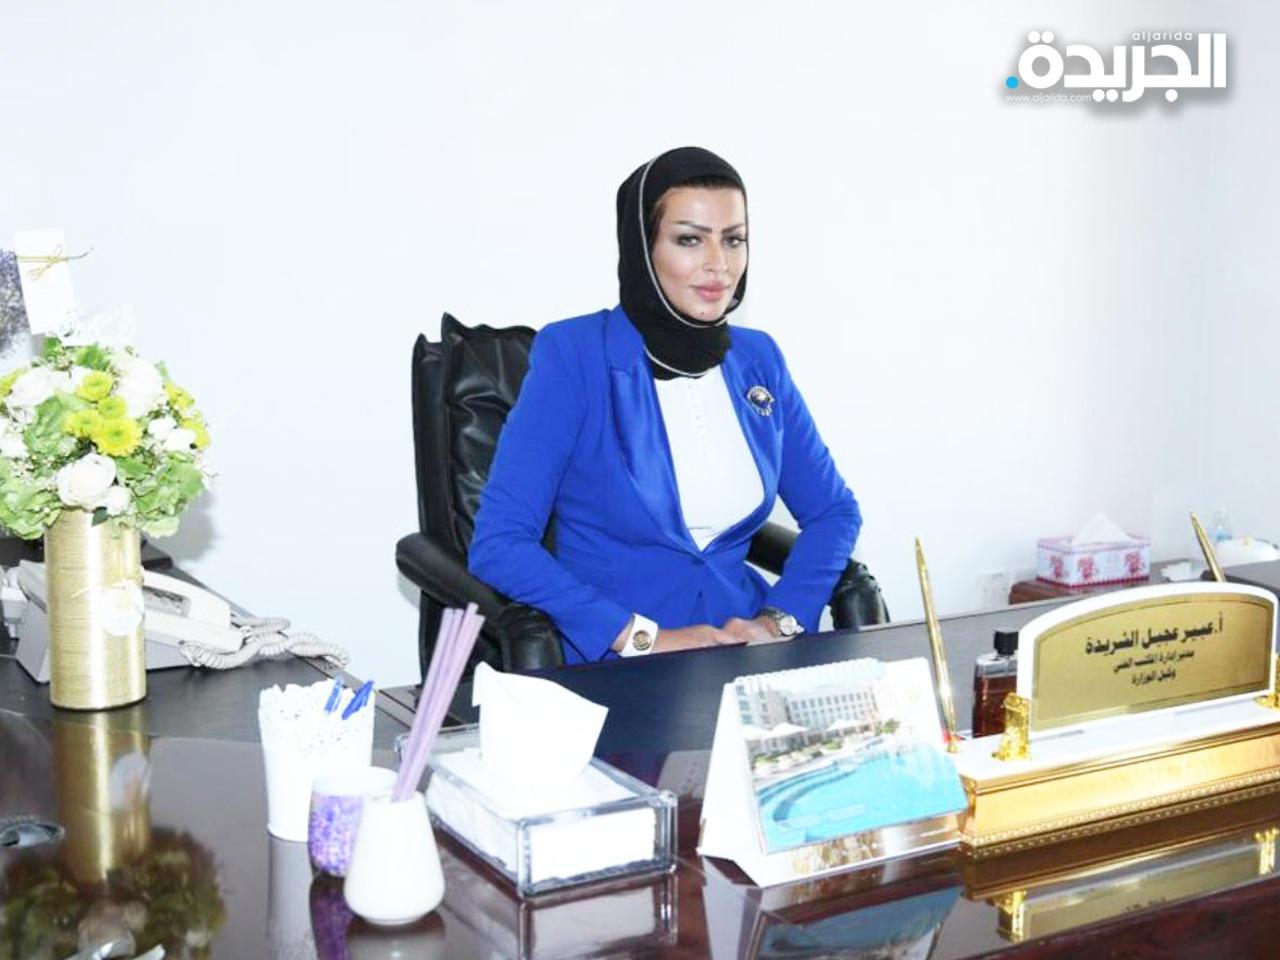 جريدة الجريدة الكويتية   المواصلات تطعن في «التمييز» على حكم بتعويض إحدى شركات الاتصالات 16 مليون دينار